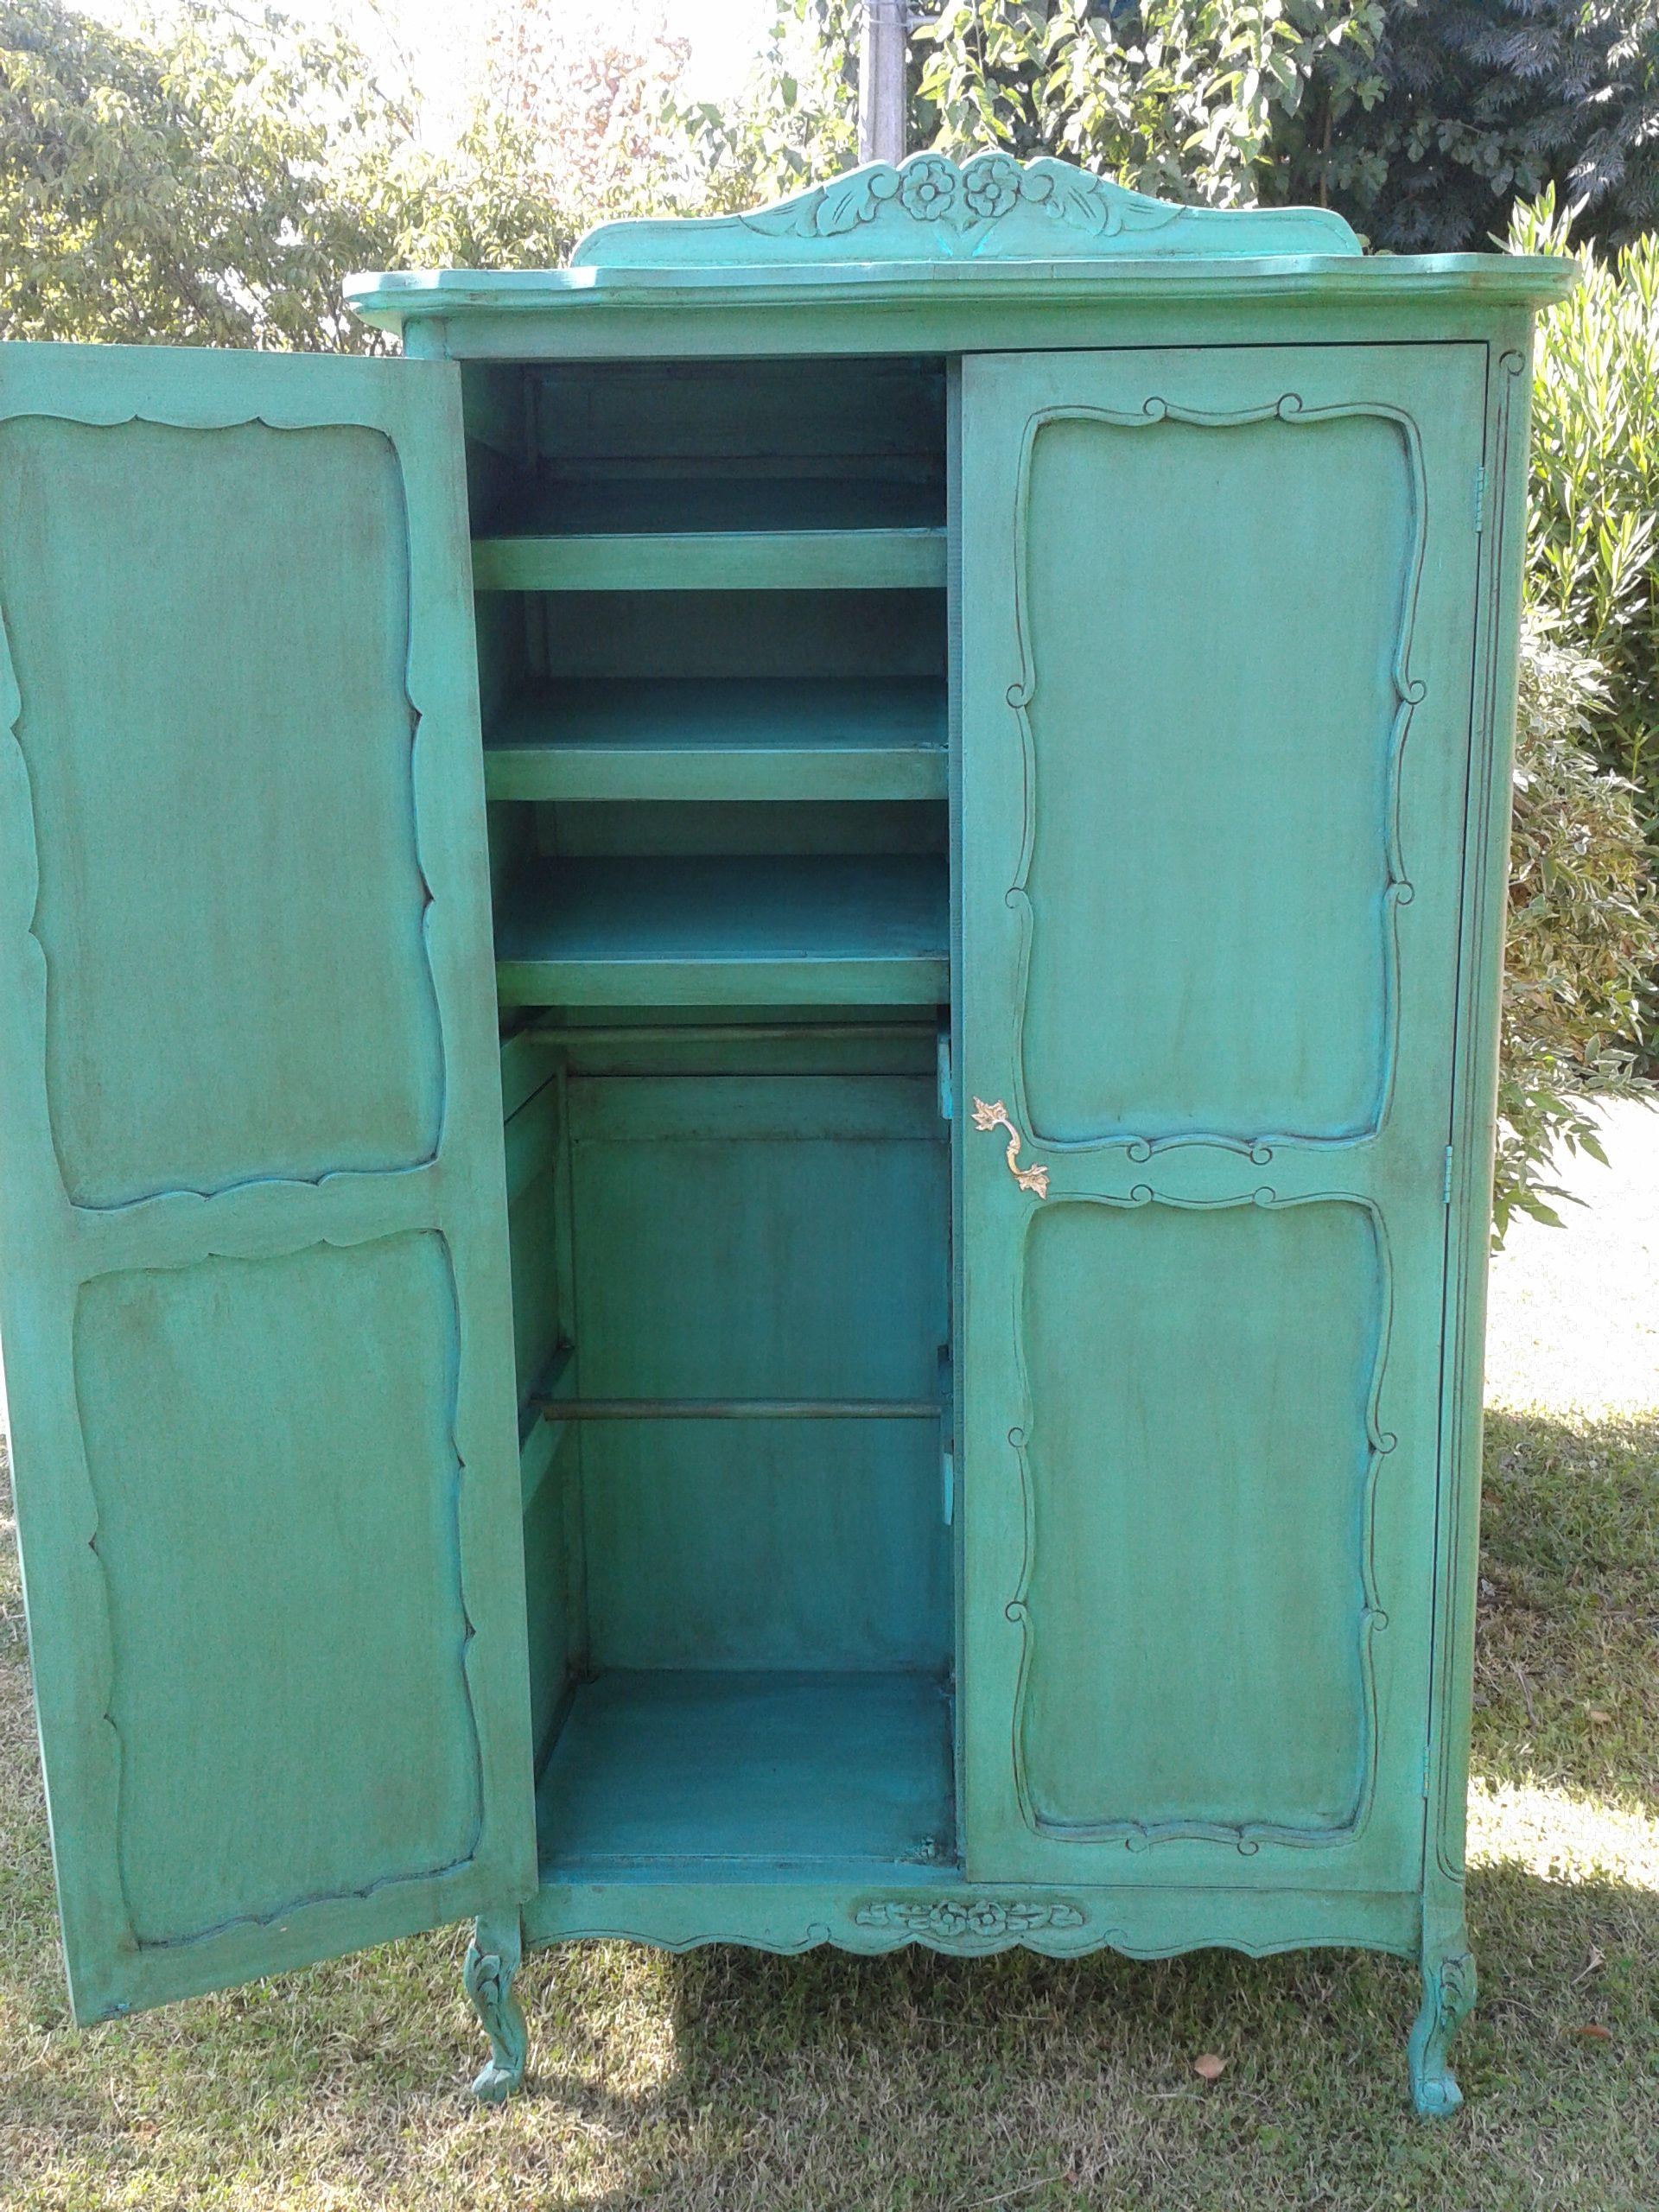 En decora muebles vas encontrar roperos a la venta con las - Venta de muebles vintage ...